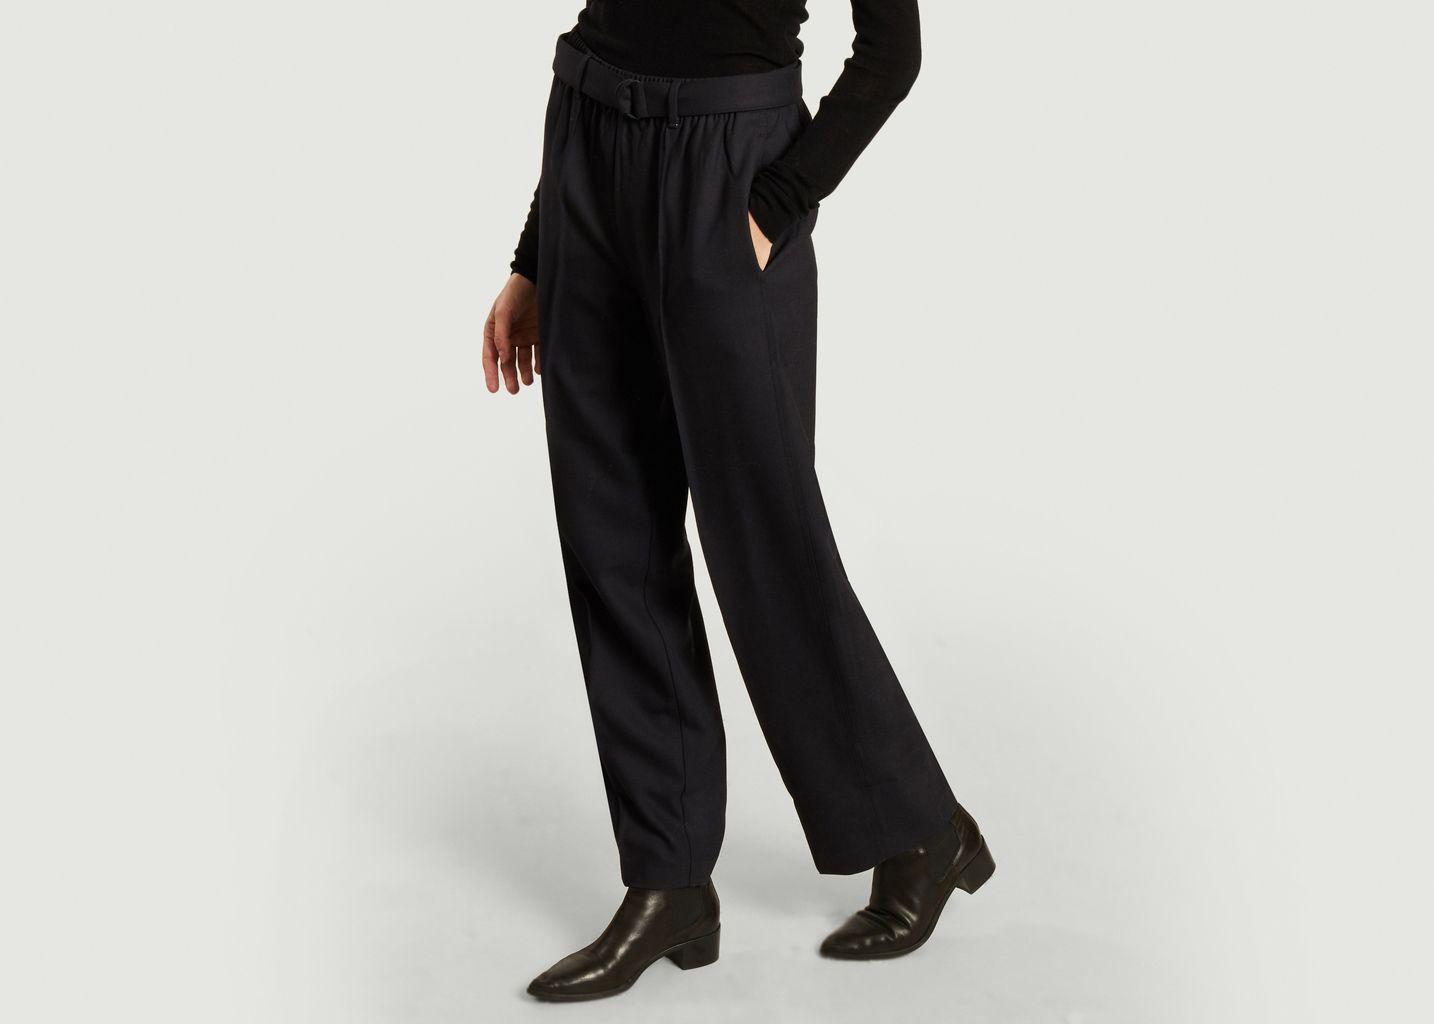 Pantalon évasé taille haute - Lacoste